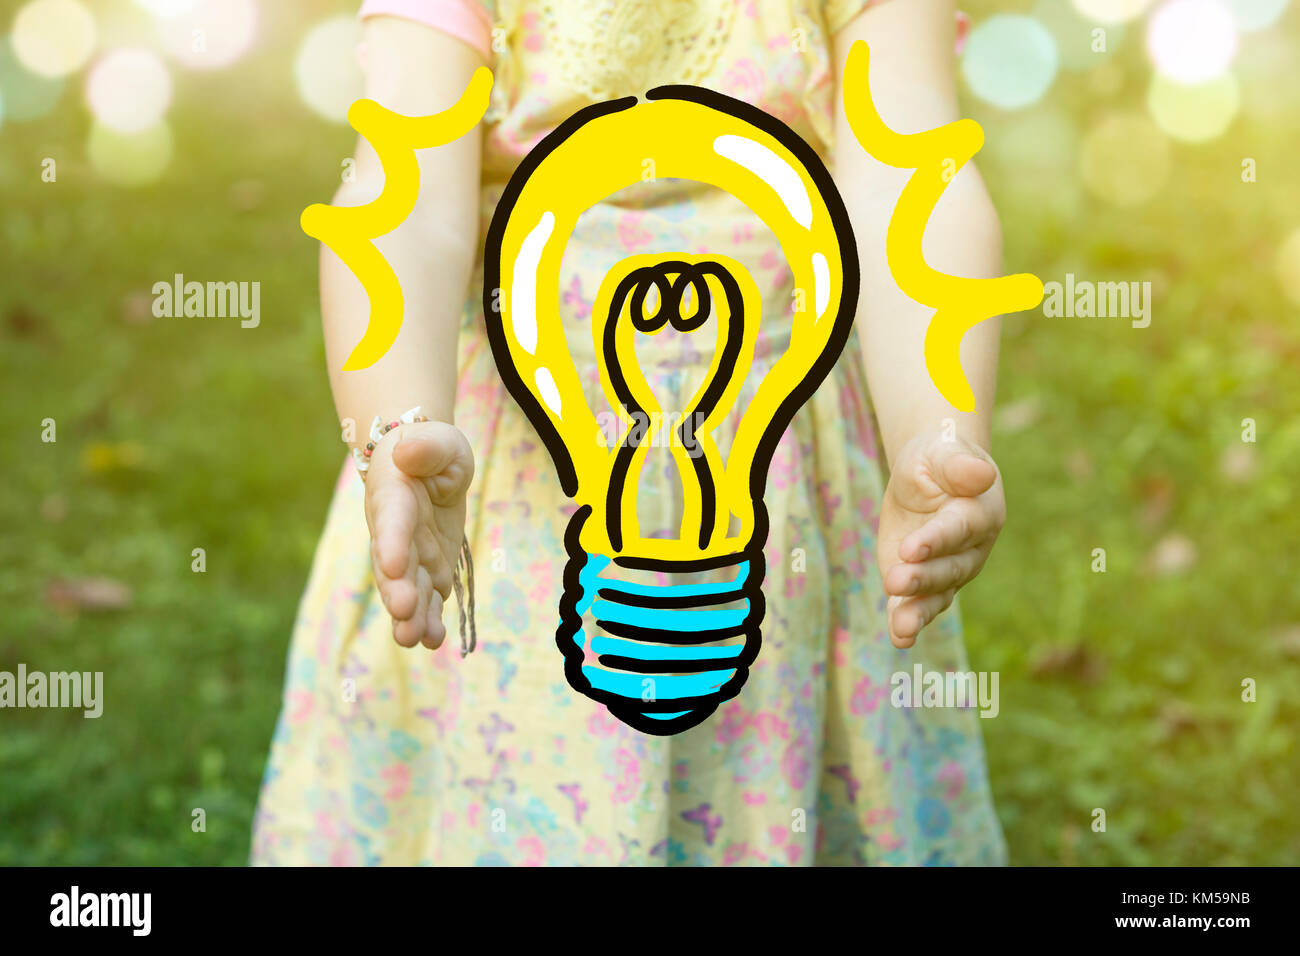 Niño sosteniendo una lámpara de dibujo como idea, concepto al aire libre en un día soleado. Foto de stock